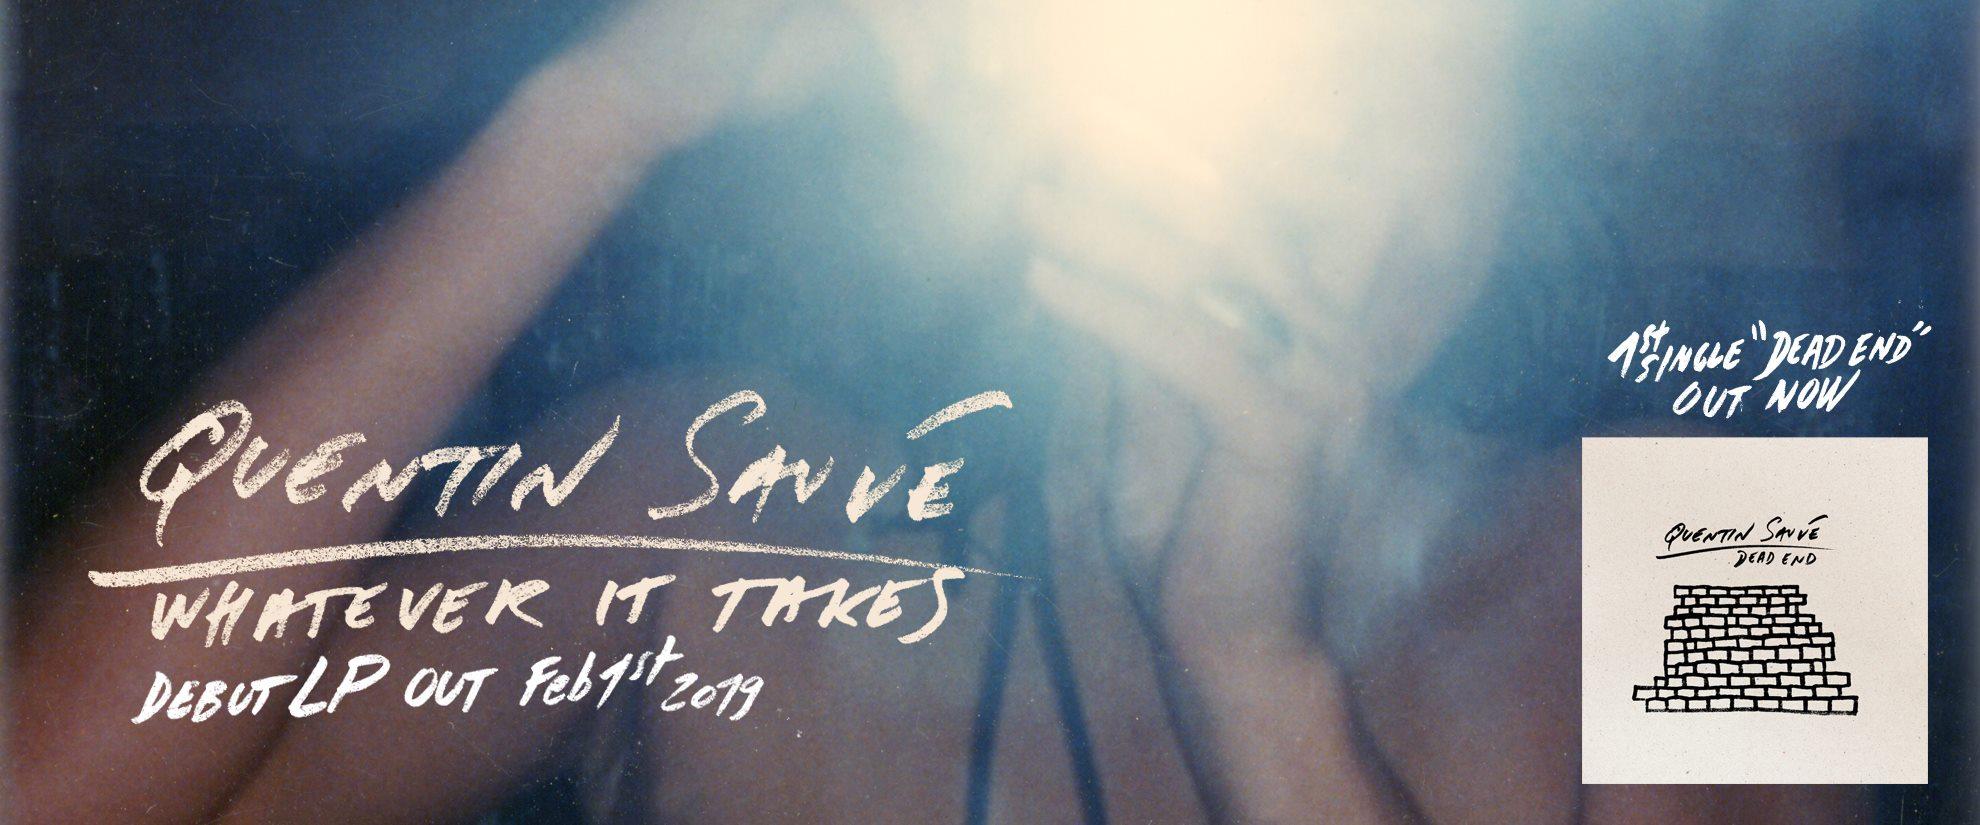 """Am 1.2.2019 erscheint auch das Debüt-Album """"Whatever It Takes"""" von Quentin Sauvé"""